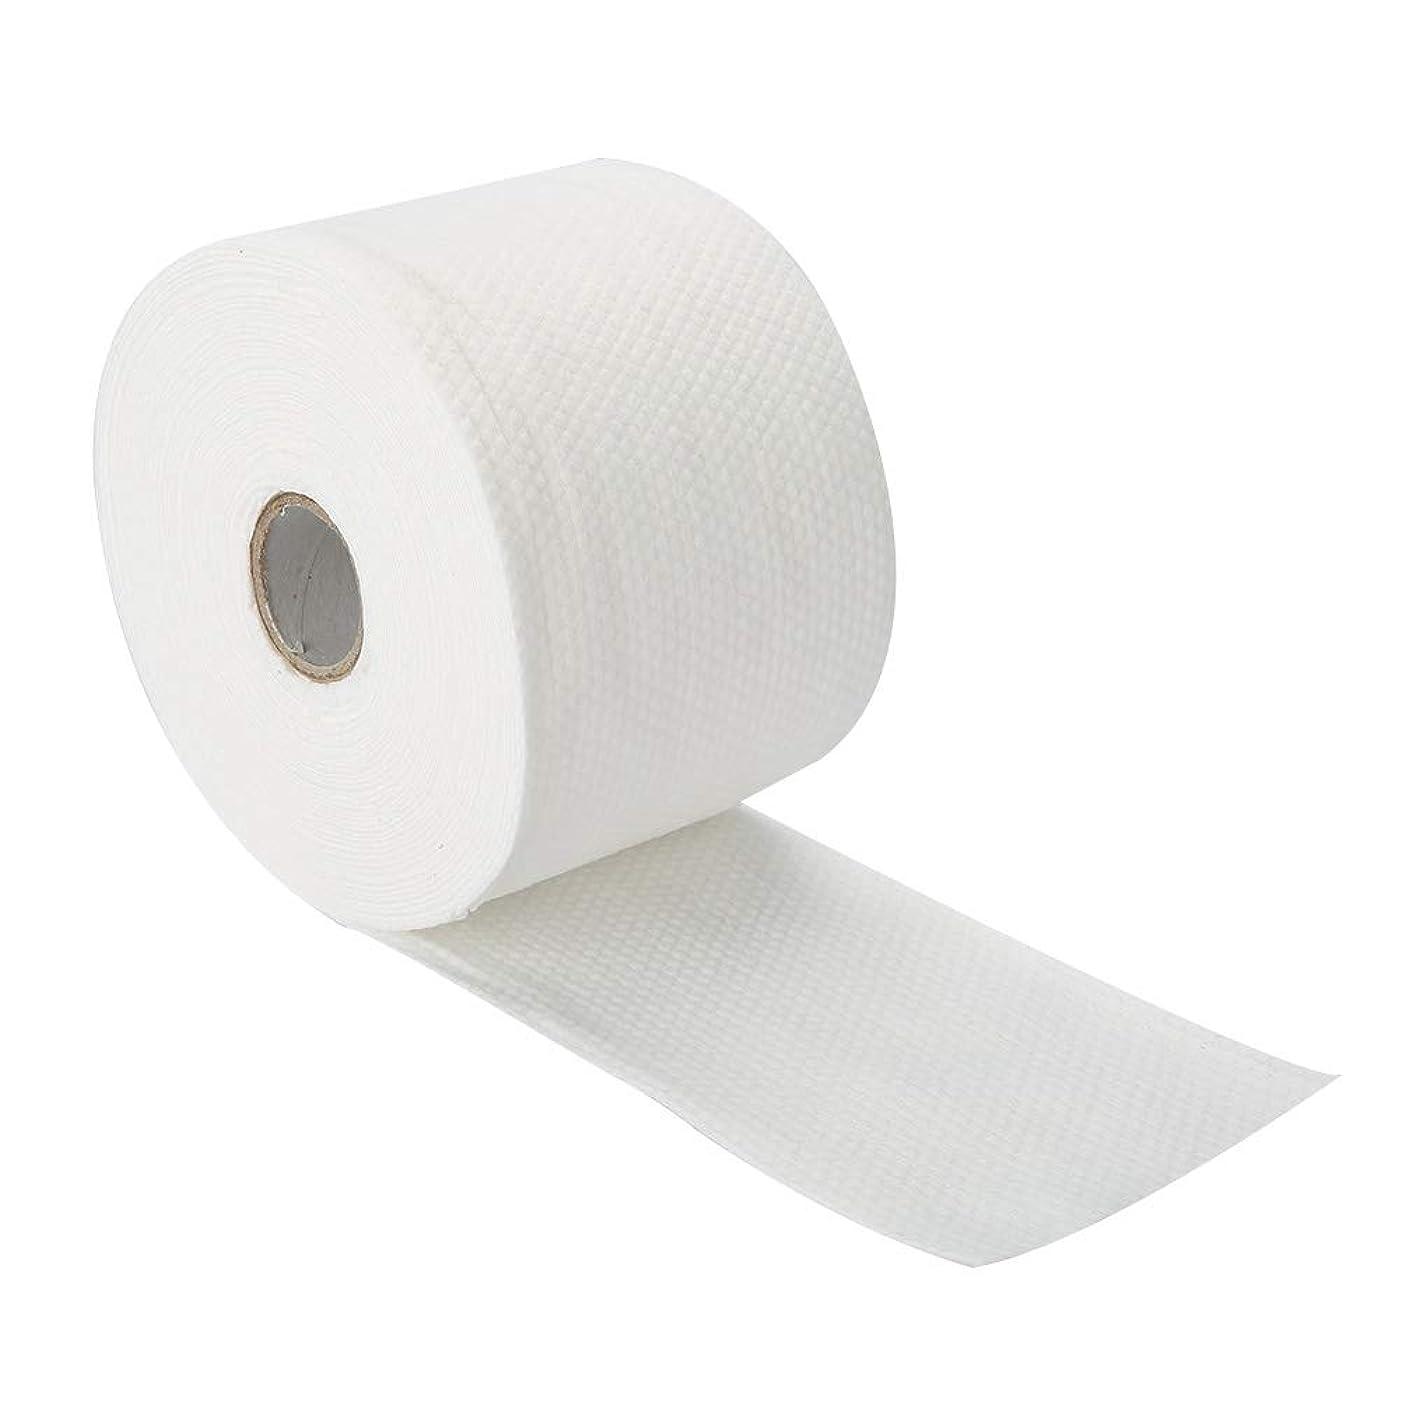 晩ごはんライナー作る構造の使い捨て可能 表面 タオル 柔らかい Nonwoven クリーニングの化粧品の綿パッド25m